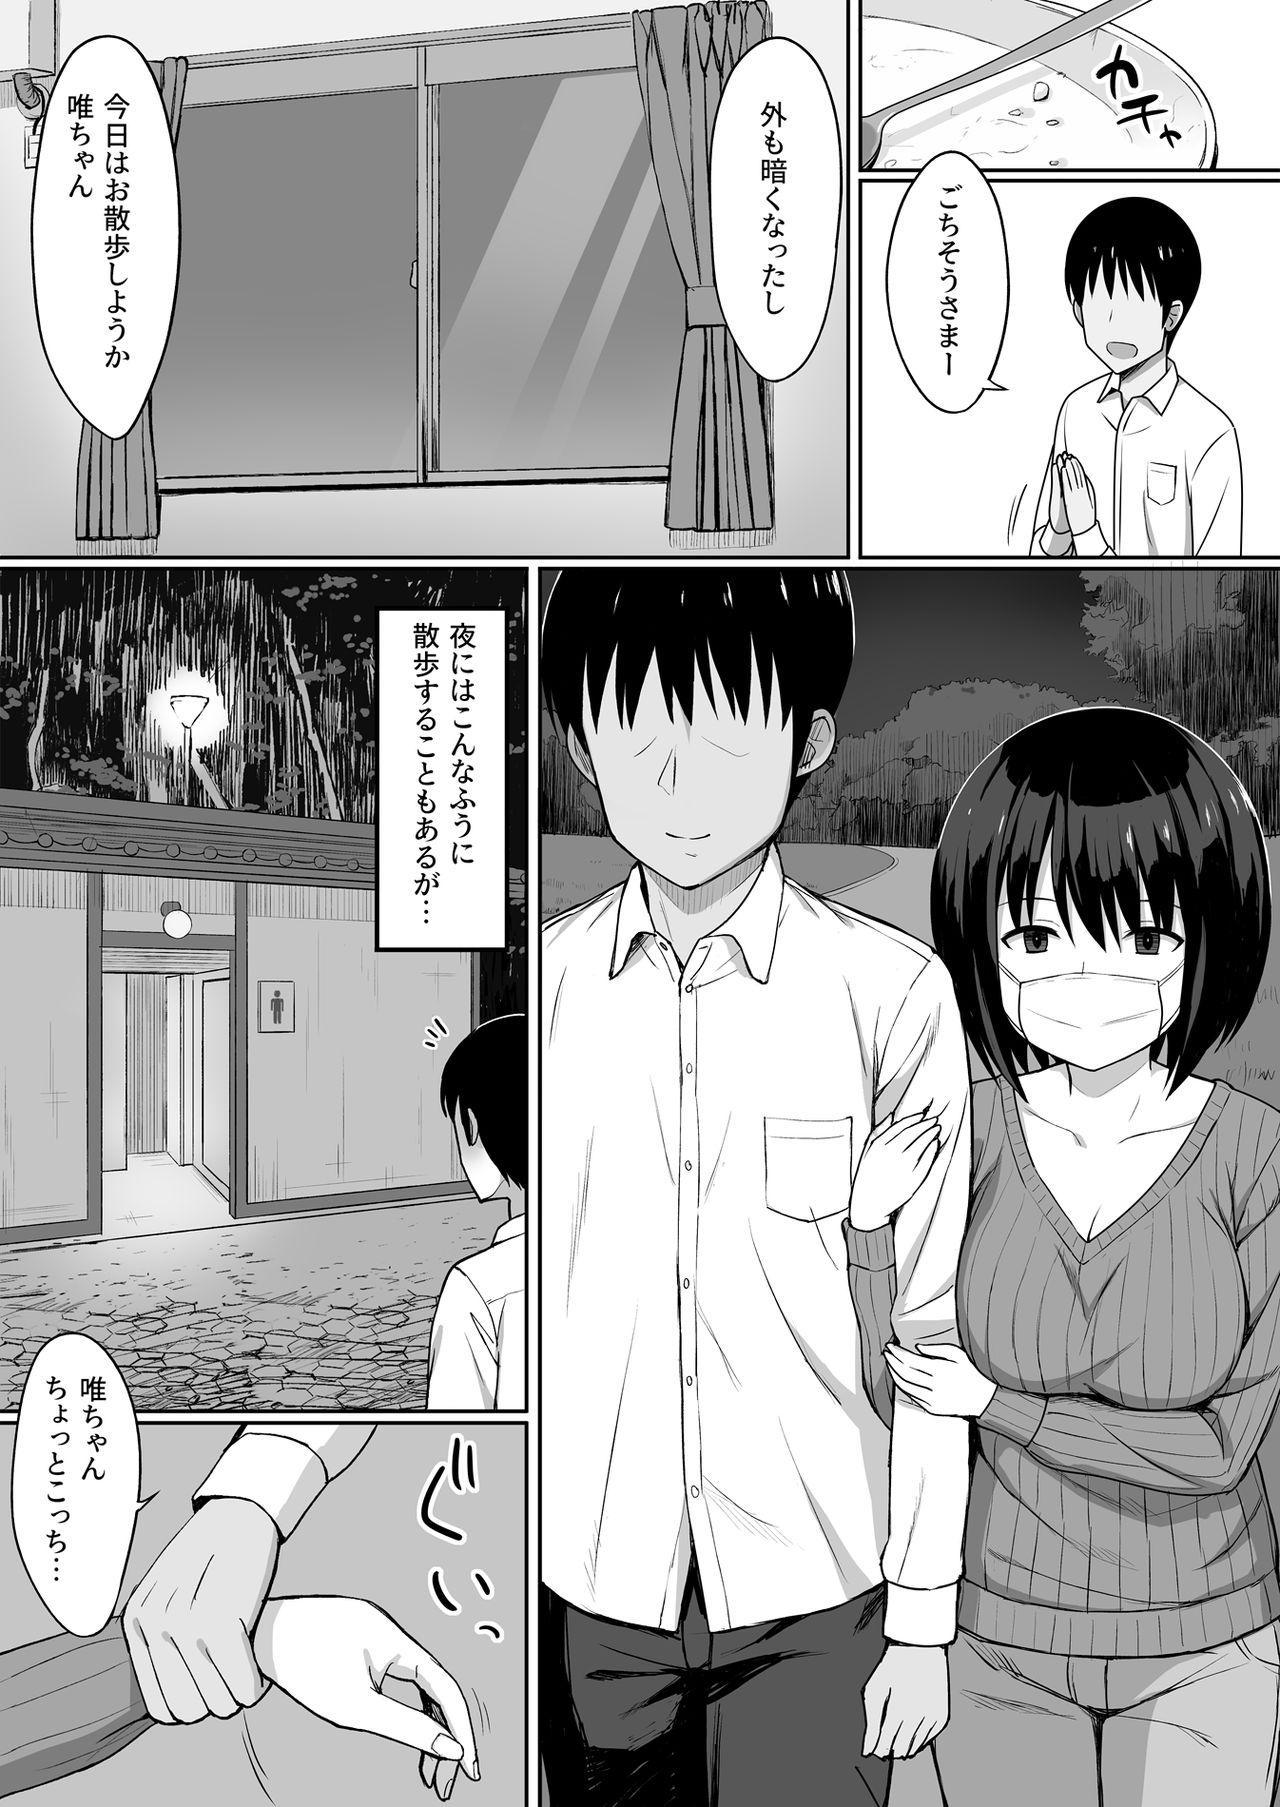 Fukujuu no Noroi de Classmate o Onaho-ka Suru Hanashi 3